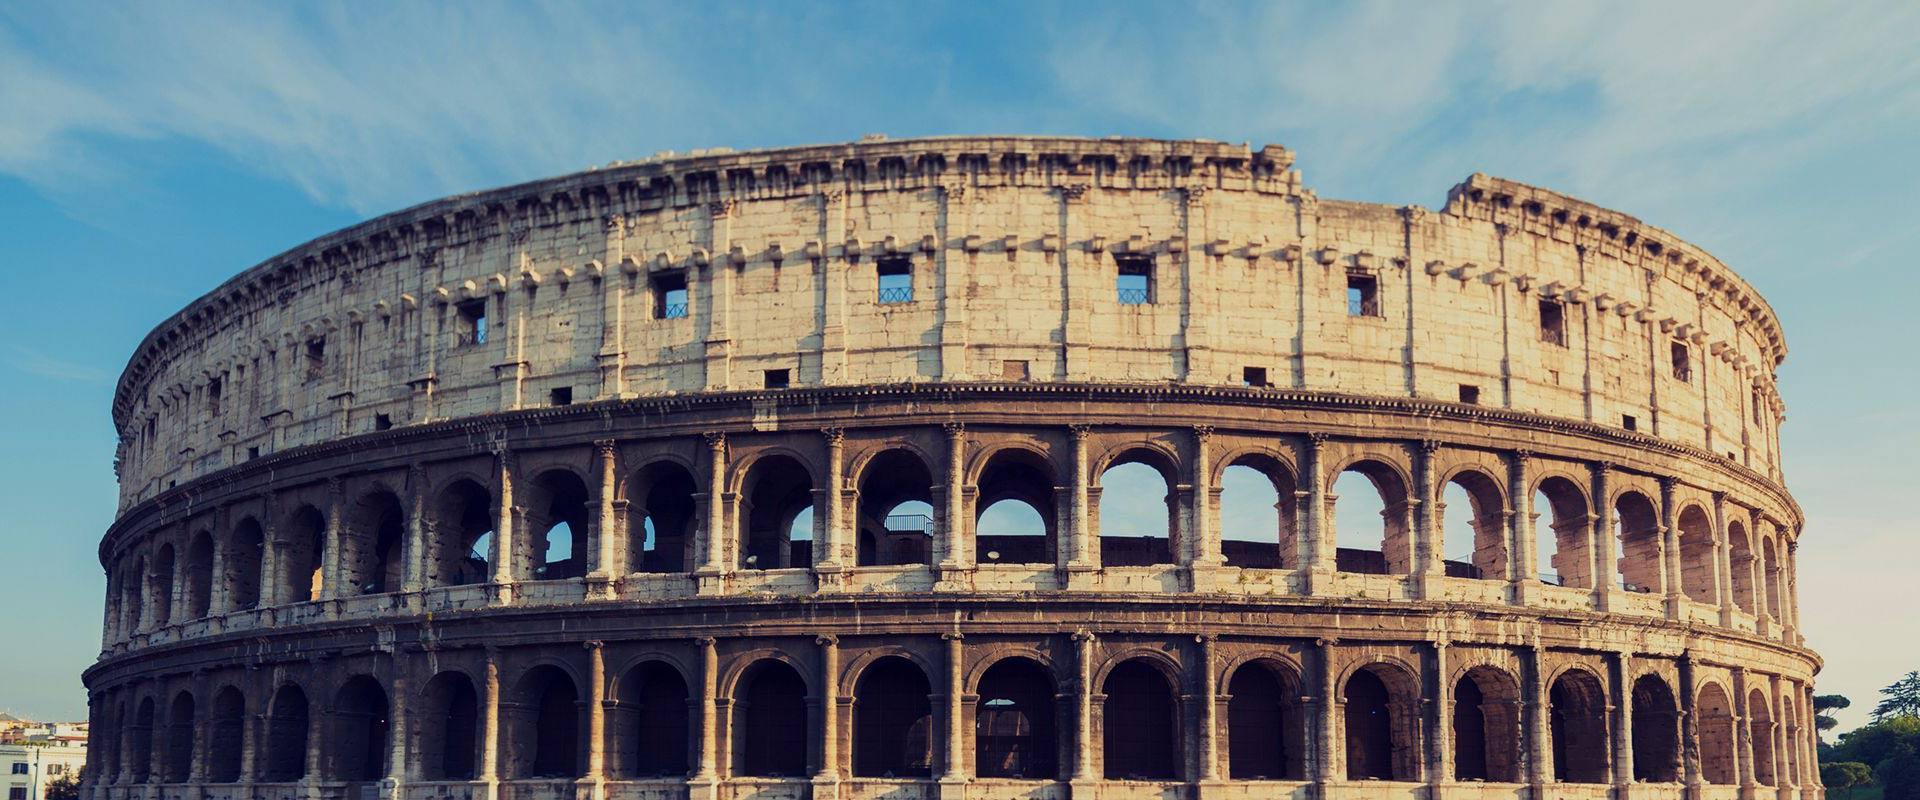 visiter-rome-en-bus-touristique